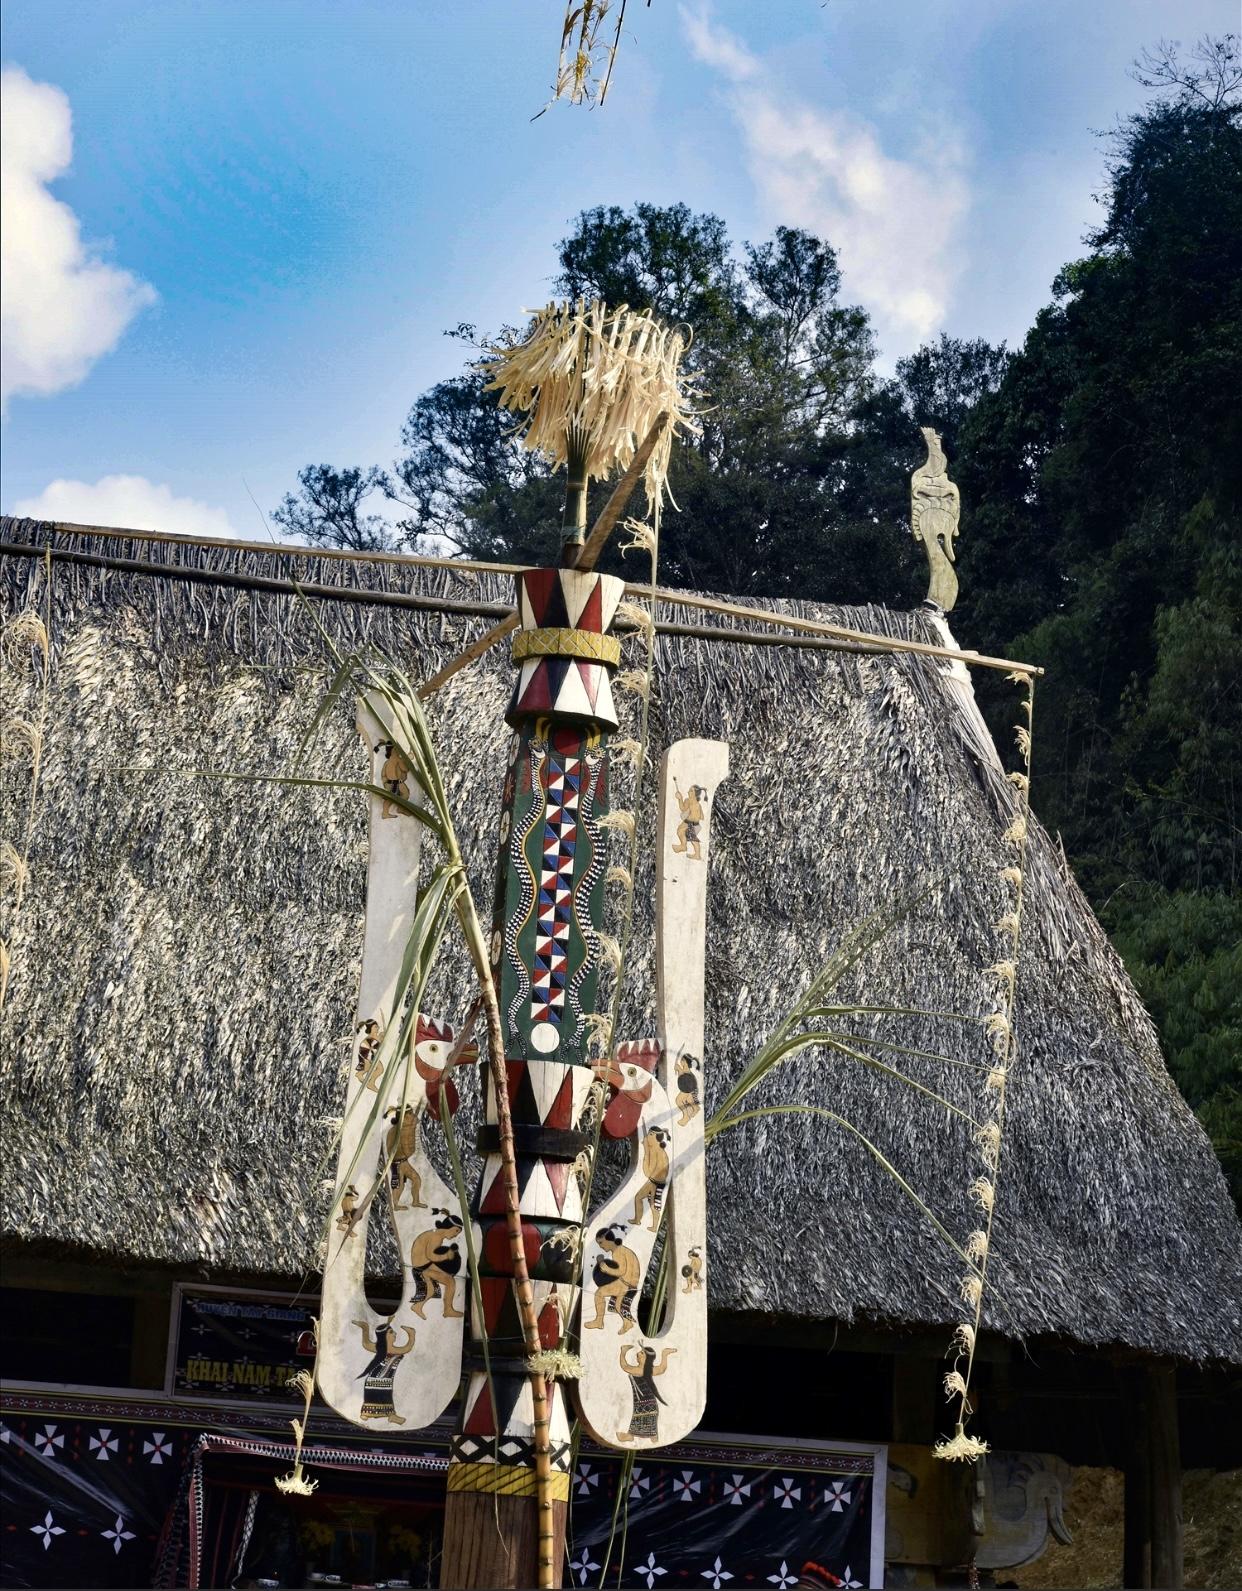 Trang trí trên cây nêu trước sân nhà làng Ka Noonh